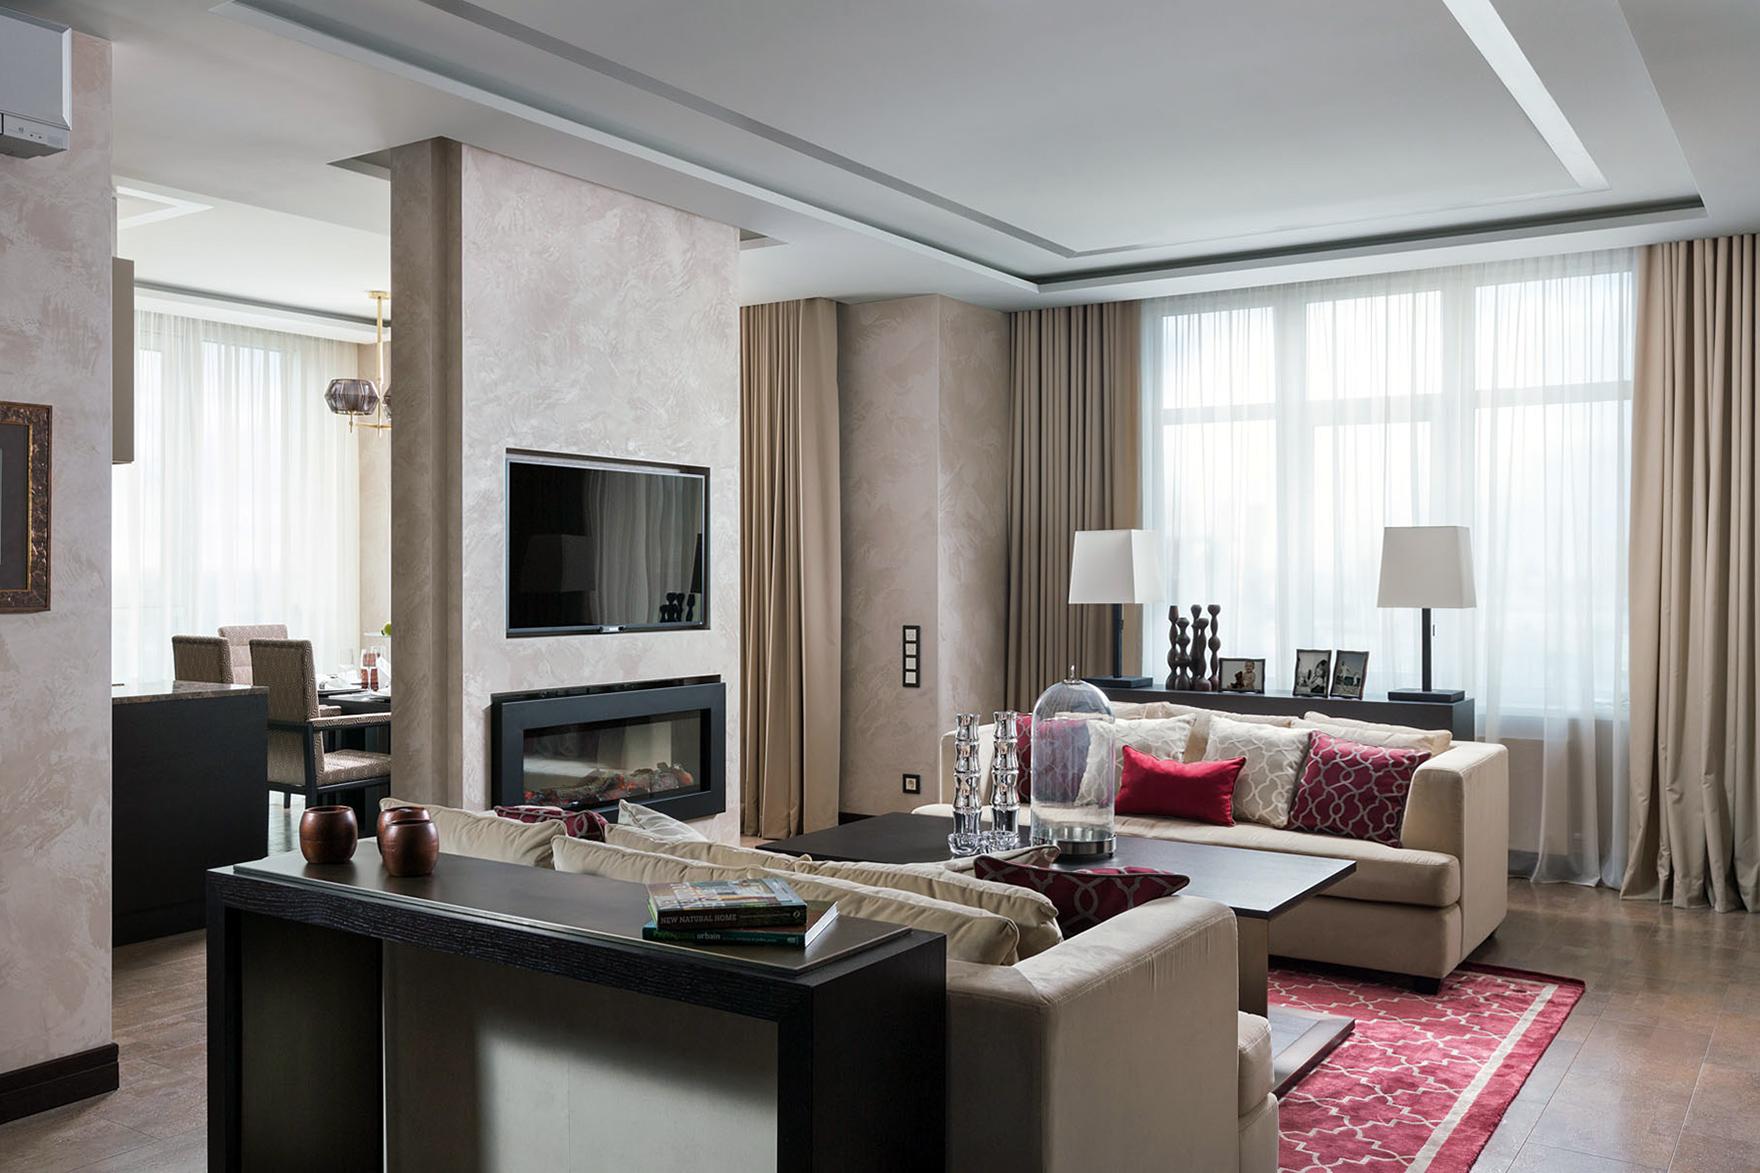 Дизайн г образной квартиры